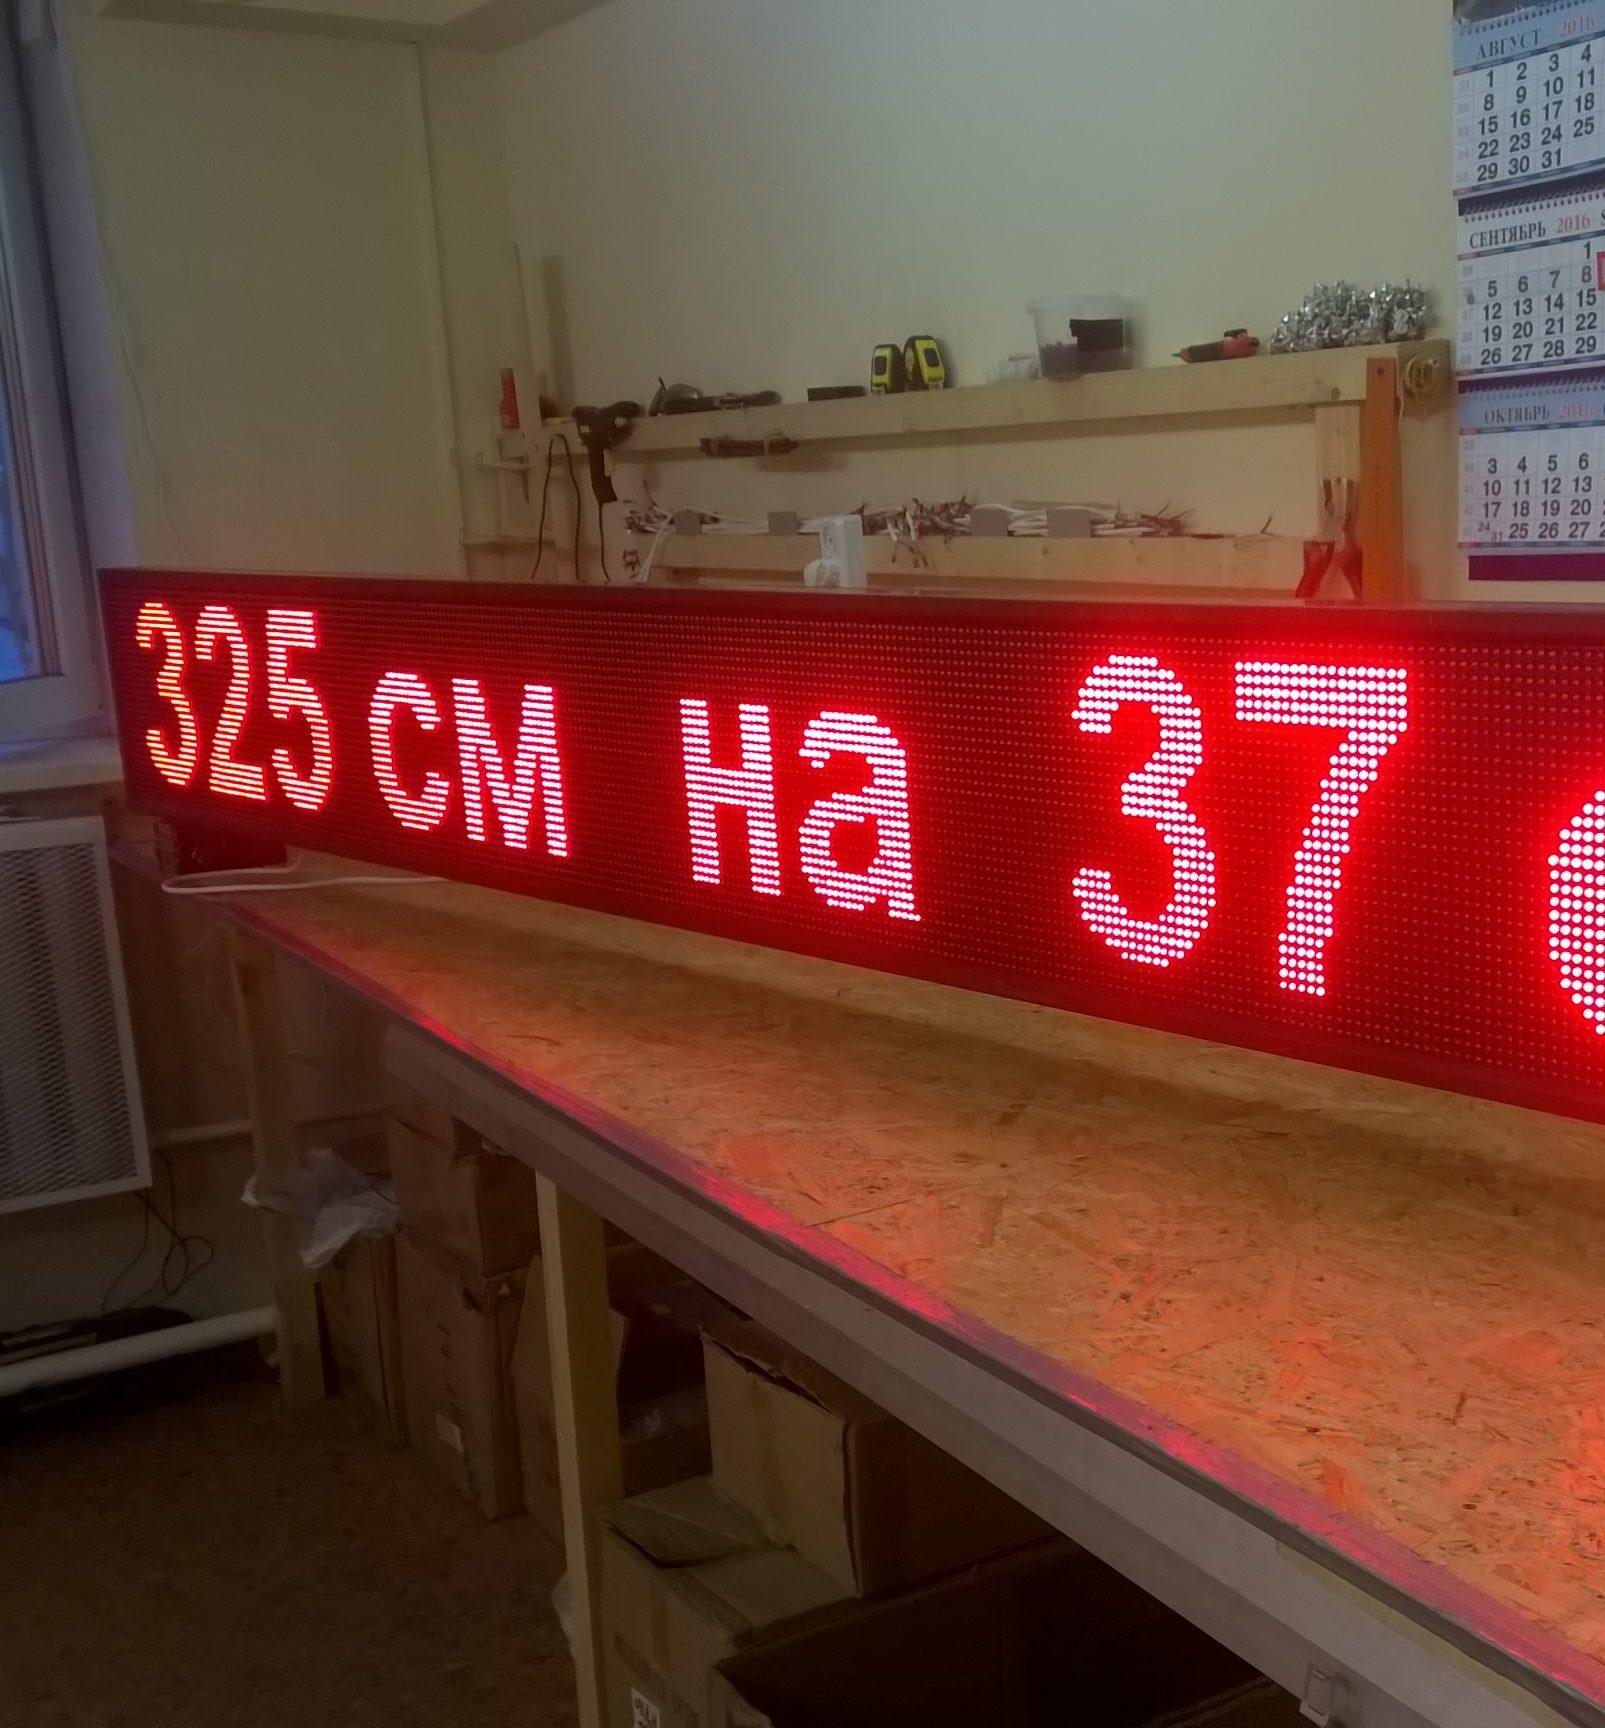 Бегущая строка 324 на 37 красная с датчиком температуры